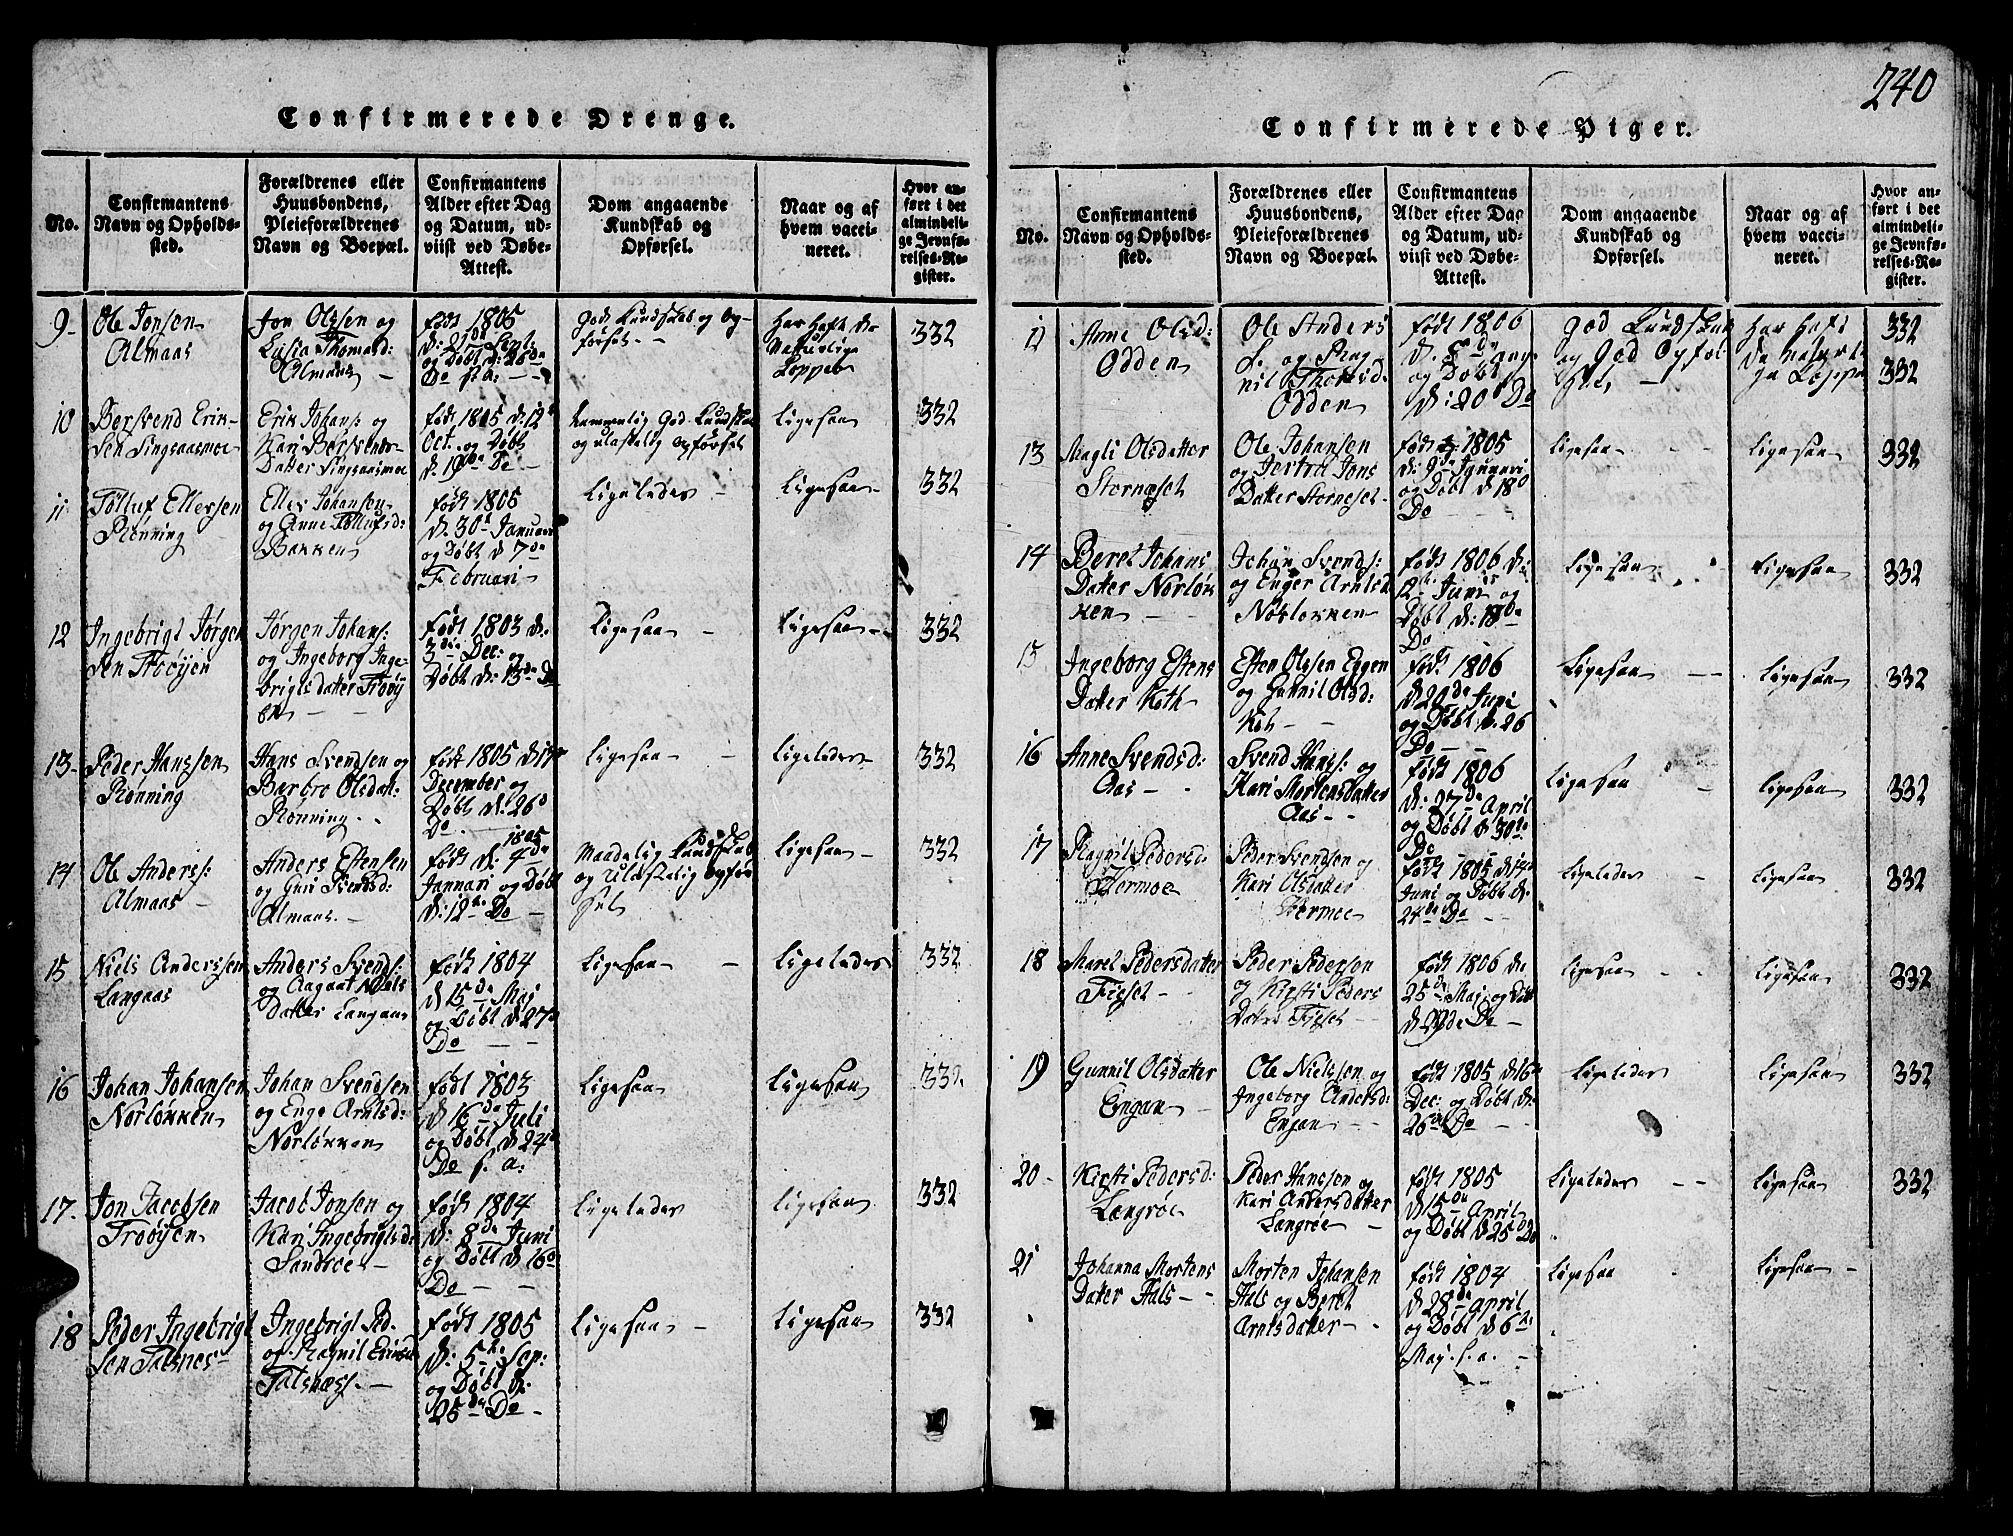 SAT, Ministerialprotokoller, klokkerbøker og fødselsregistre - Sør-Trøndelag, 688/L1026: Klokkerbok nr. 688C01, 1817-1860, s. 240